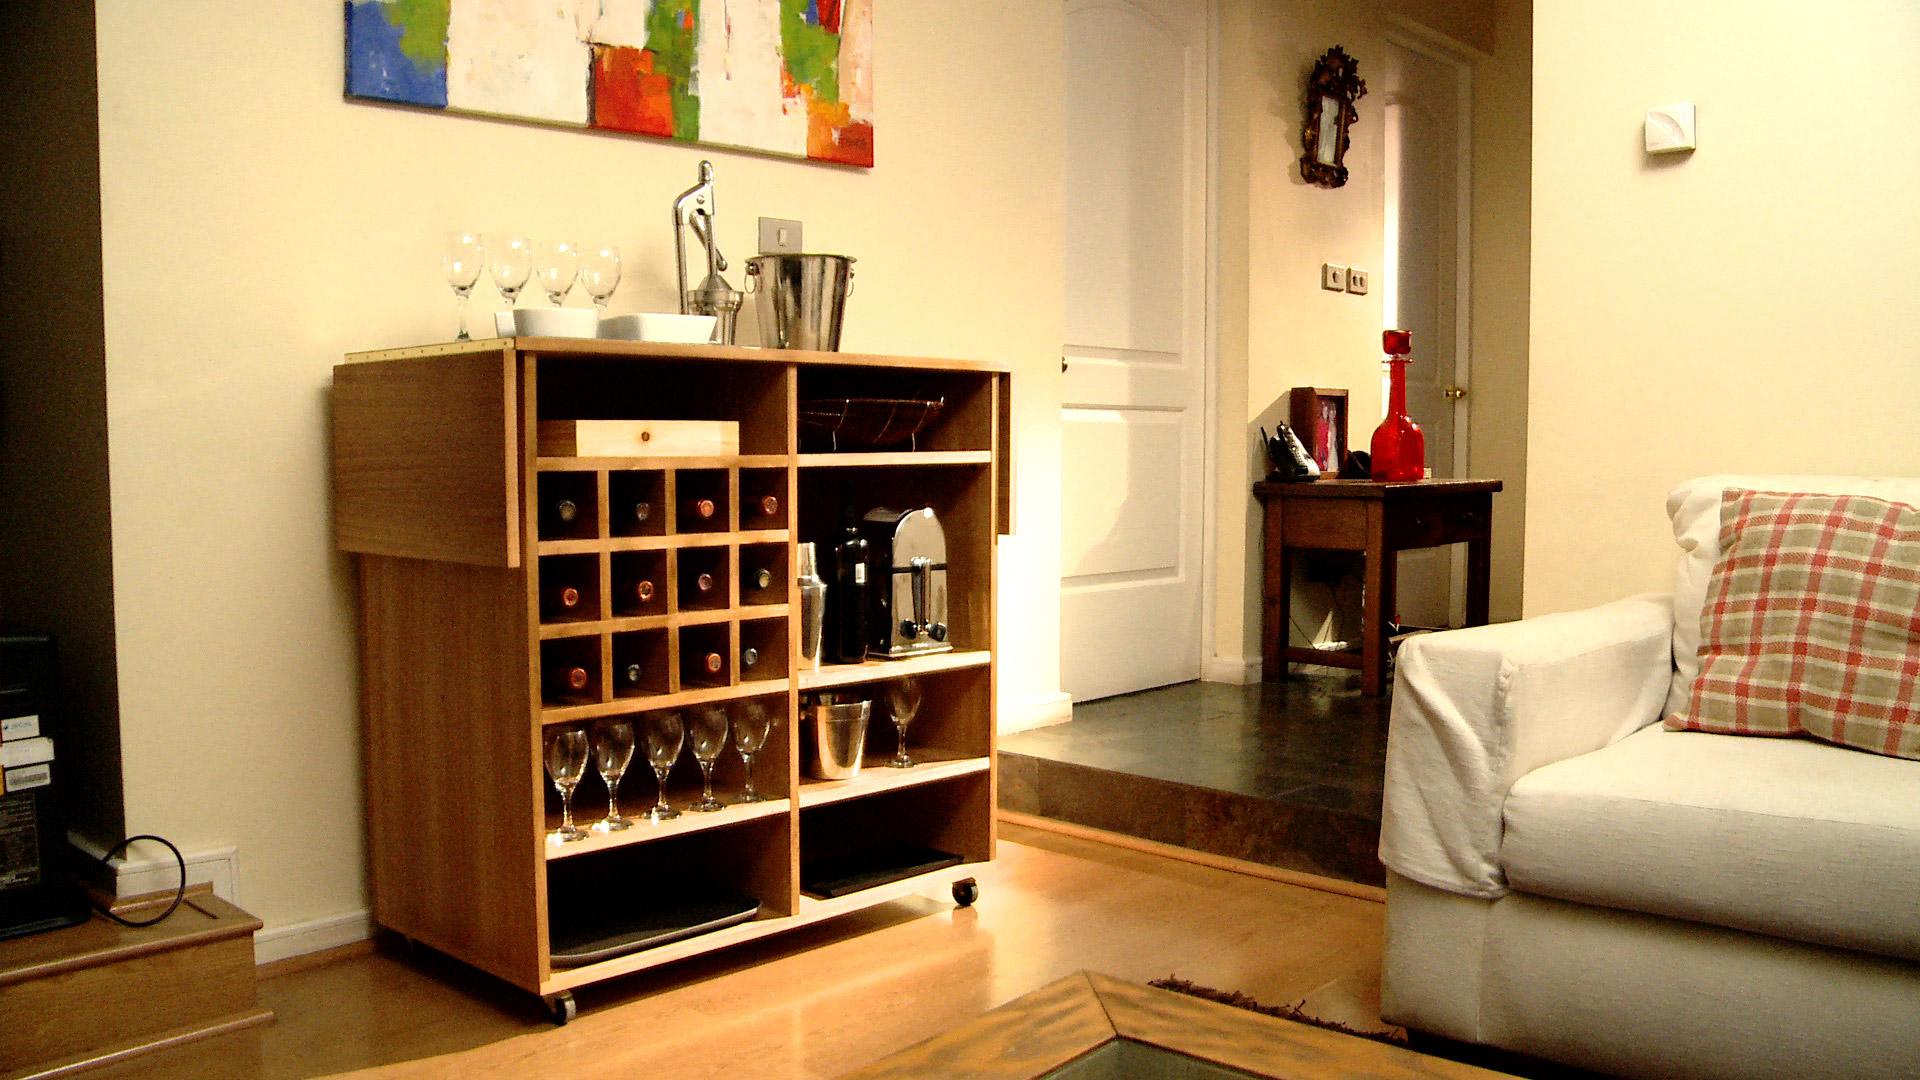 Muebles para bar en casa bar en terraza muchas veces creemos necesitar muebles especiales pero Muebles para casa